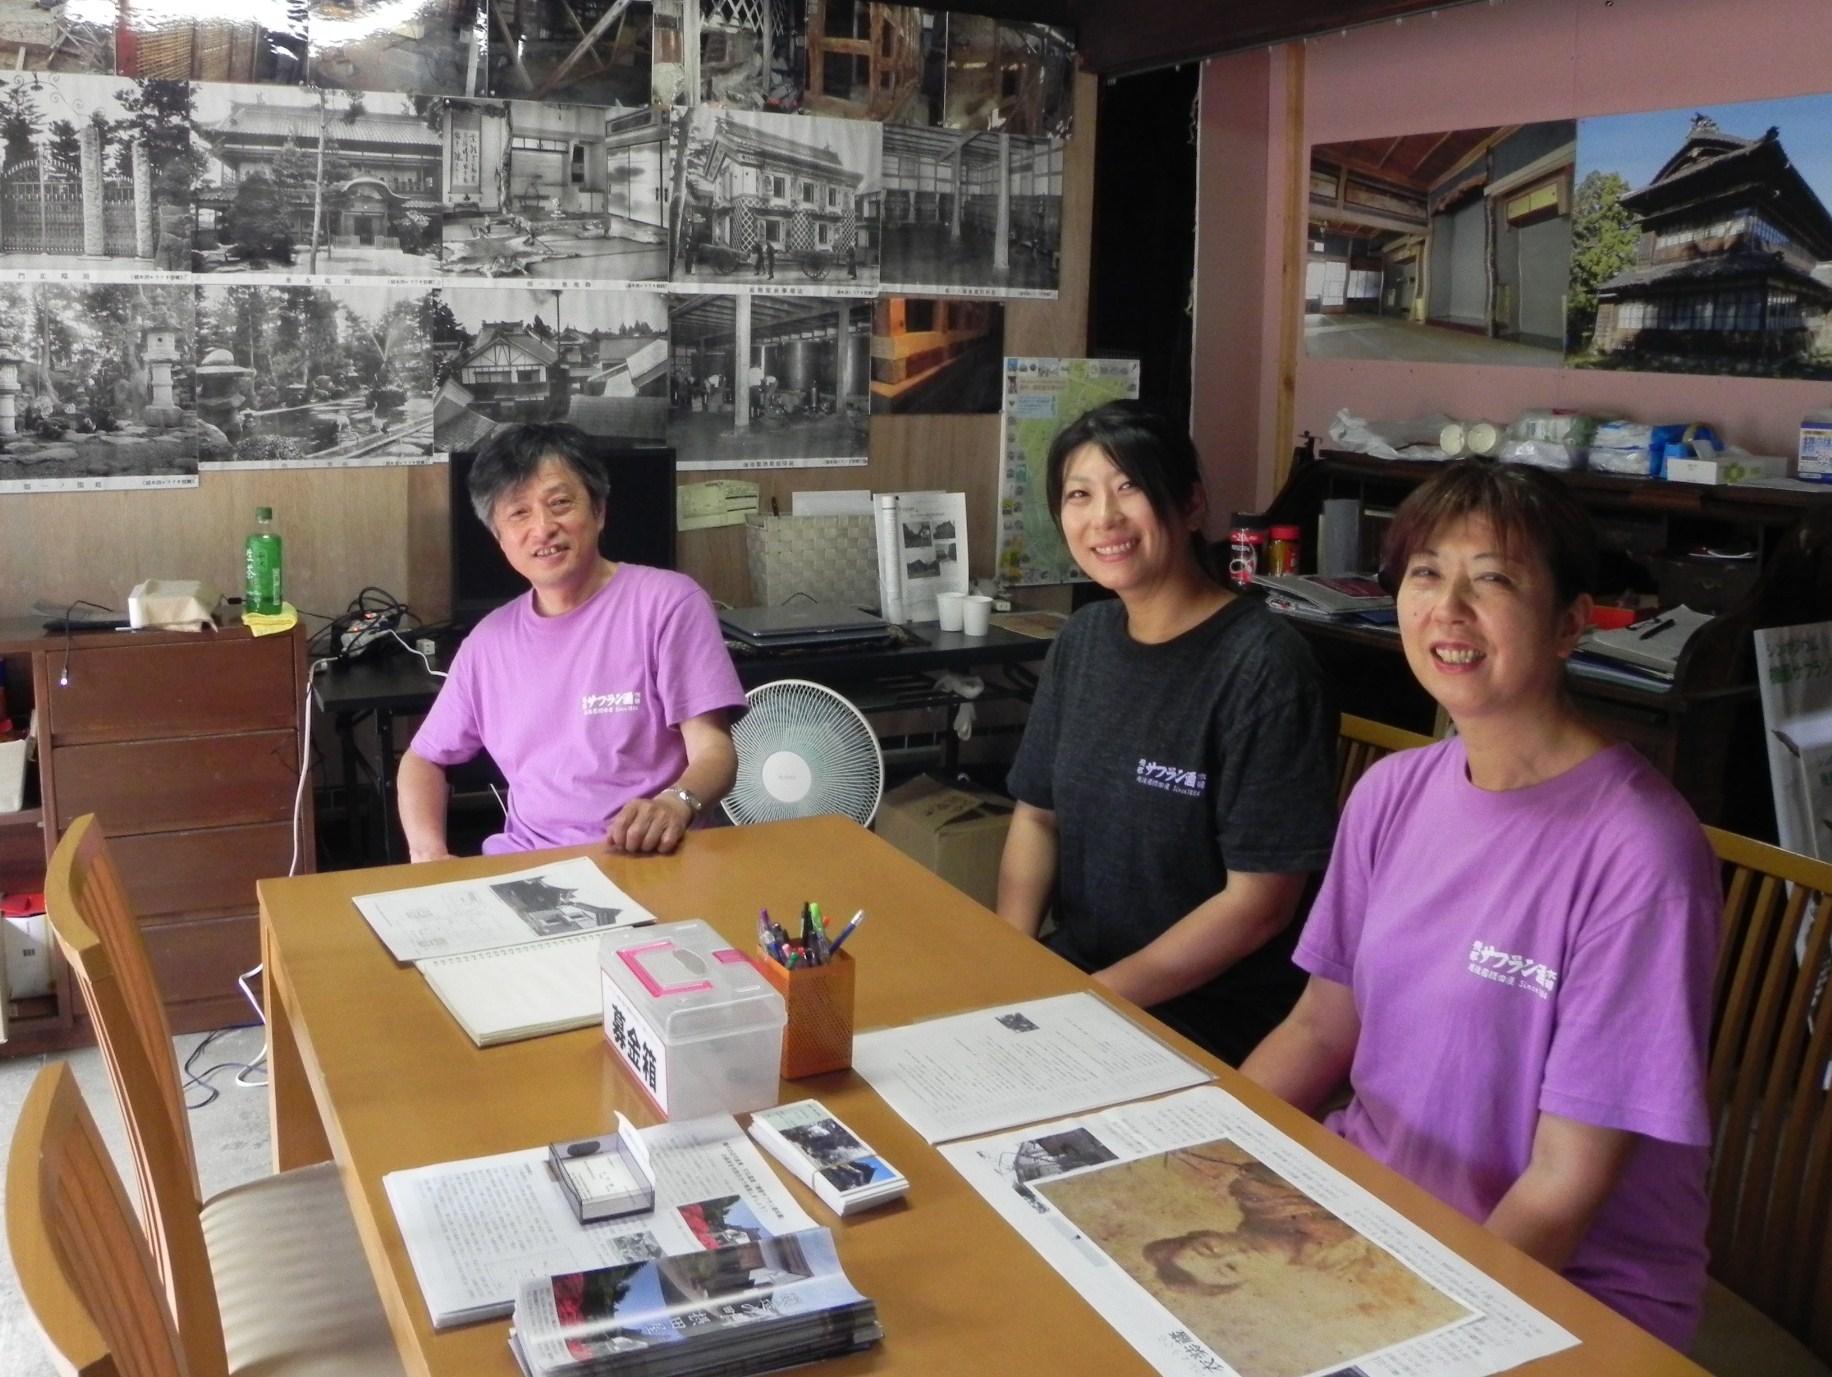 主屋に設けた休憩スペース。「見学お待ちしています」と事務局の平沢政明さん(左)と運営スタッフの皆さん。